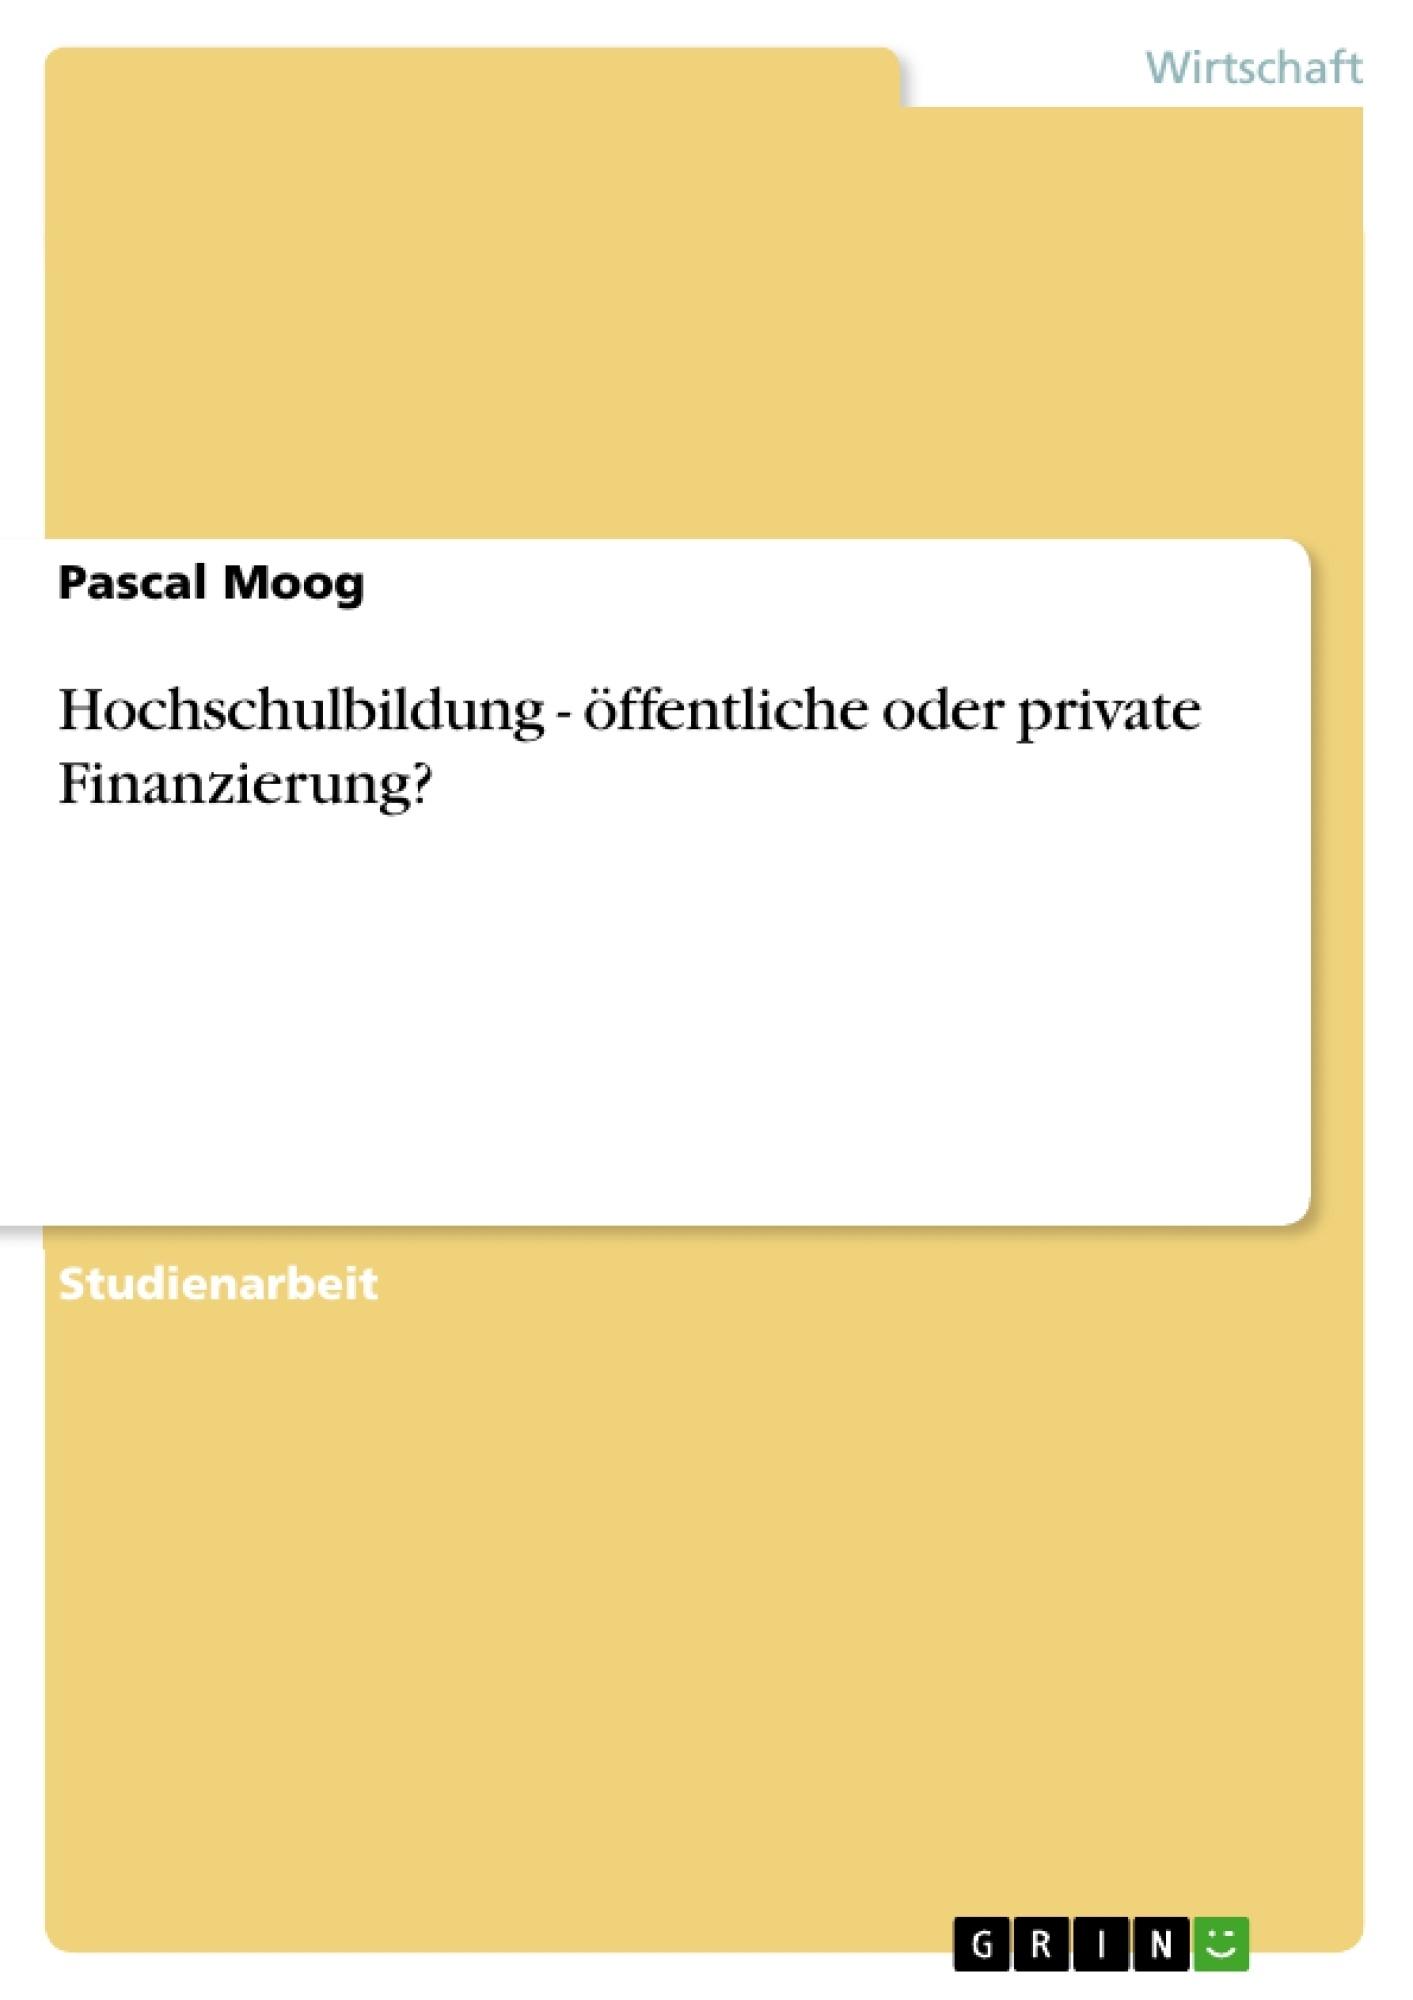 Titel: Hochschulbildung - öffentliche oder private Finanzierung?